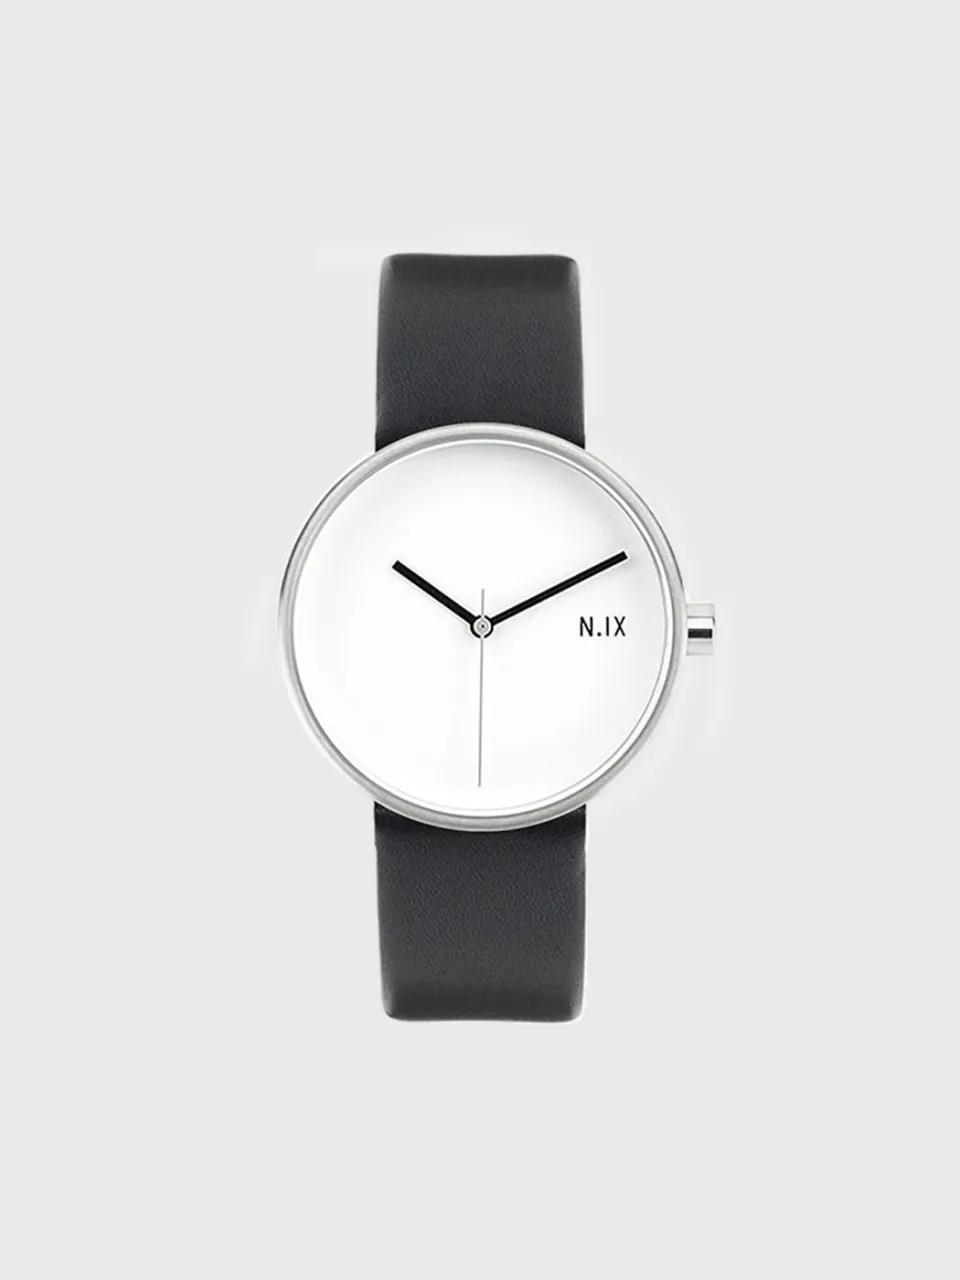 นาฬิกาเรียบแต่เท่